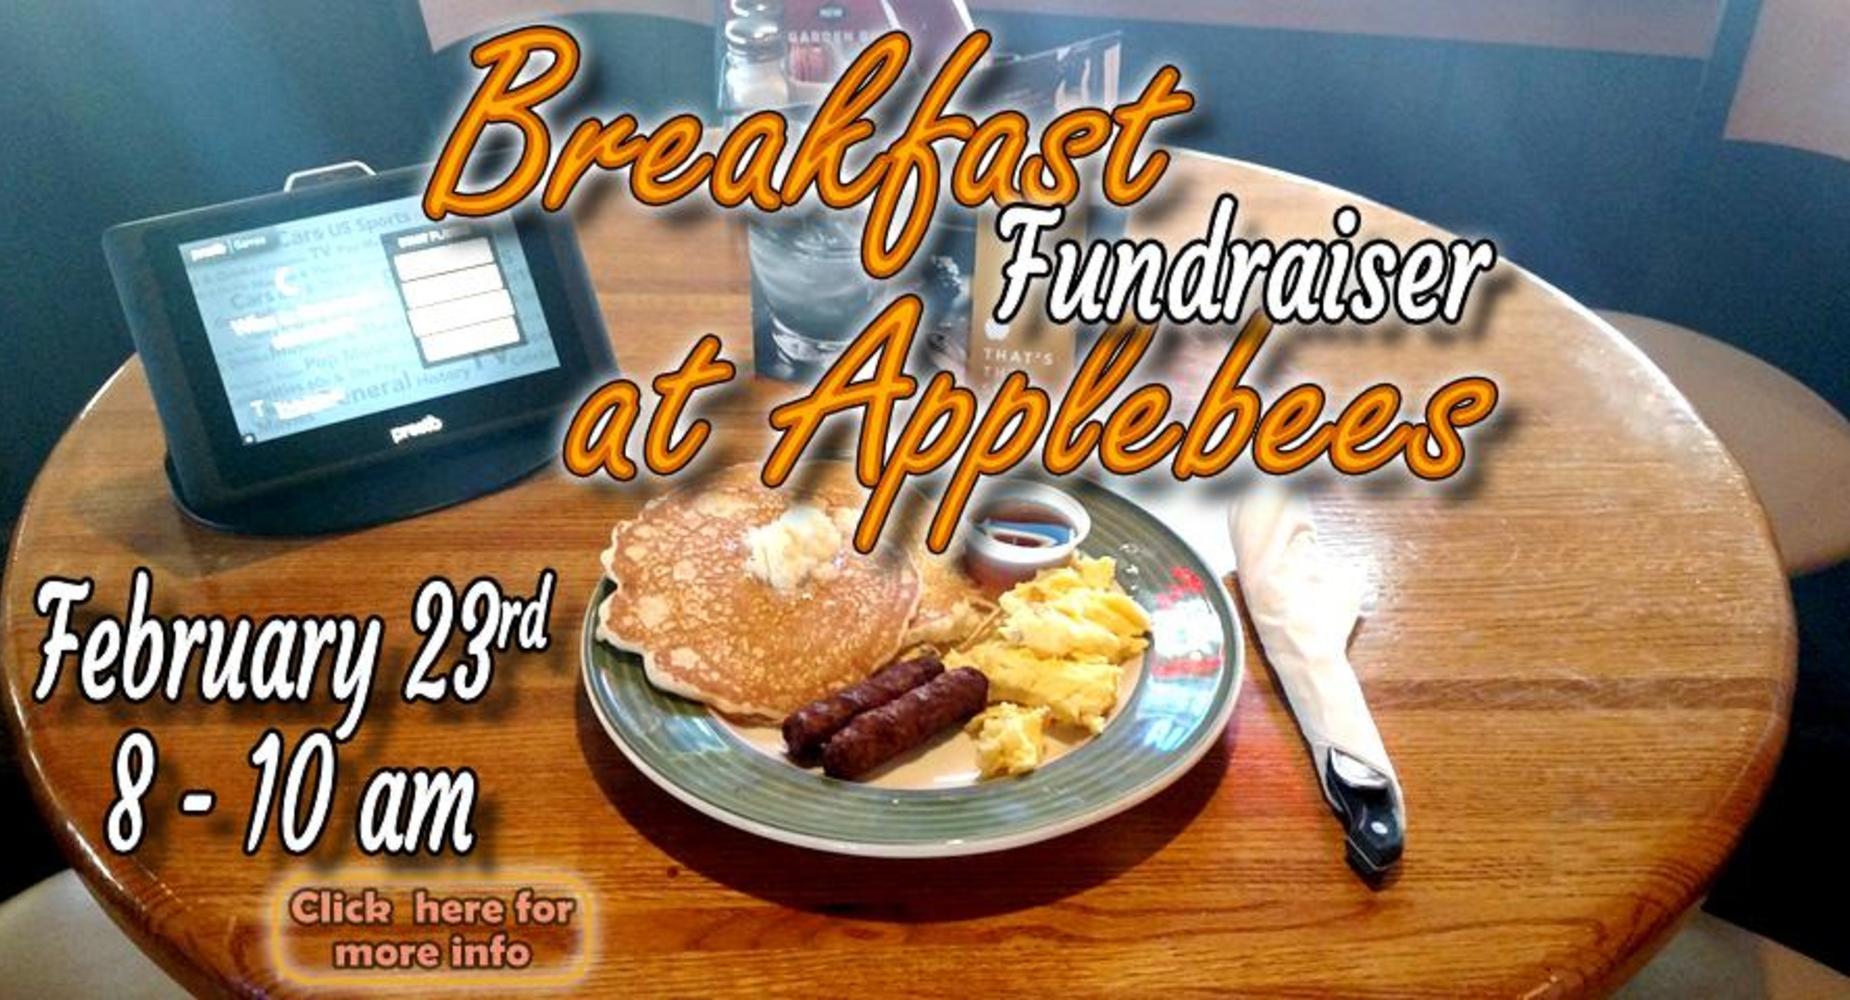 Breakfast at Applebees Fundraiser Feb. 23, 8-10am